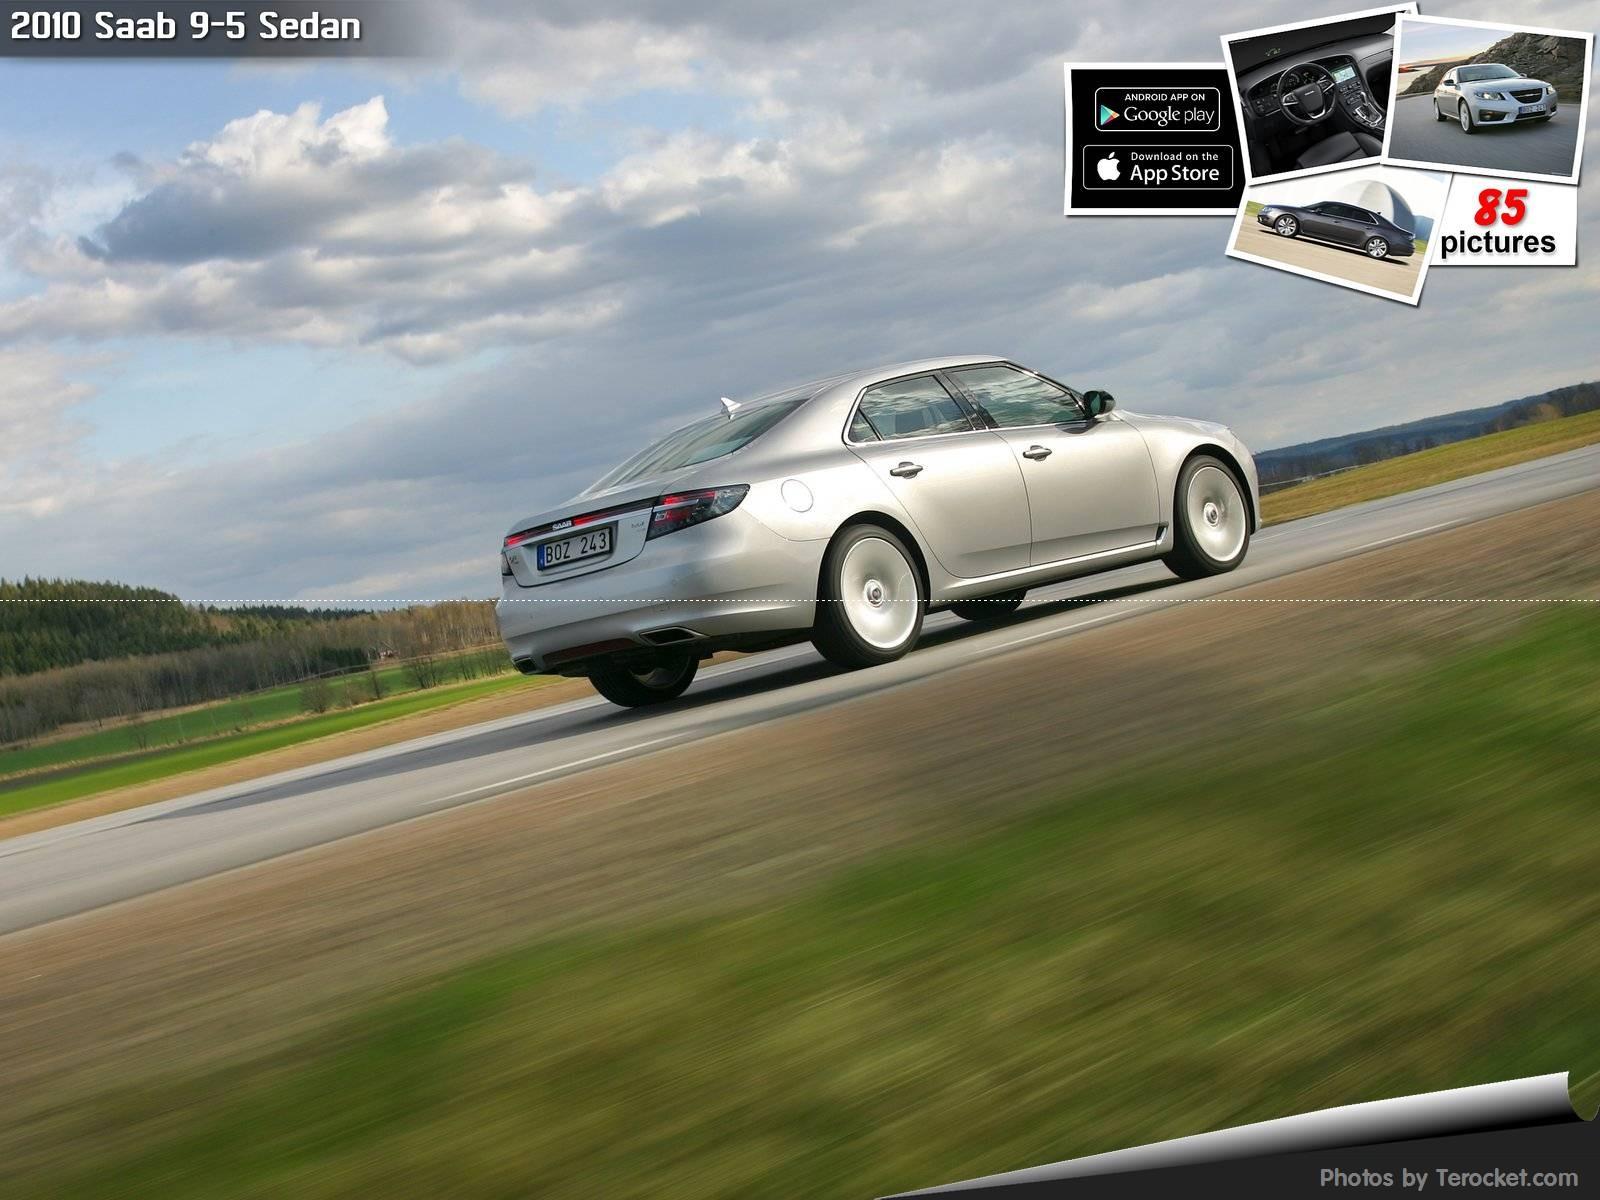 Hình ảnh xe ô tô Saab 9-5 Sedan 2010 & nội ngoại thất